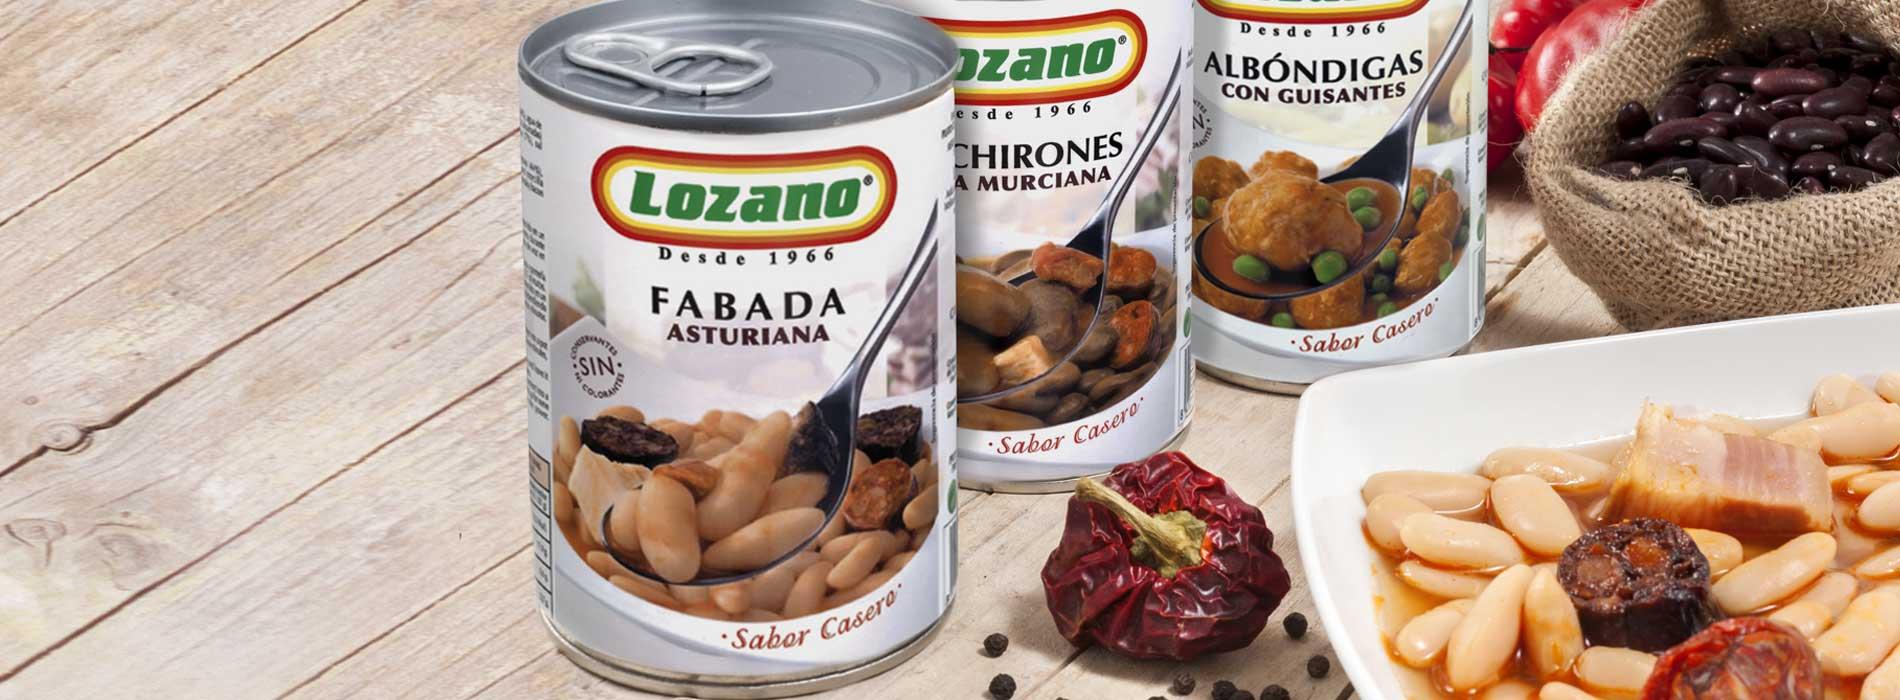 ready-meals-lozano